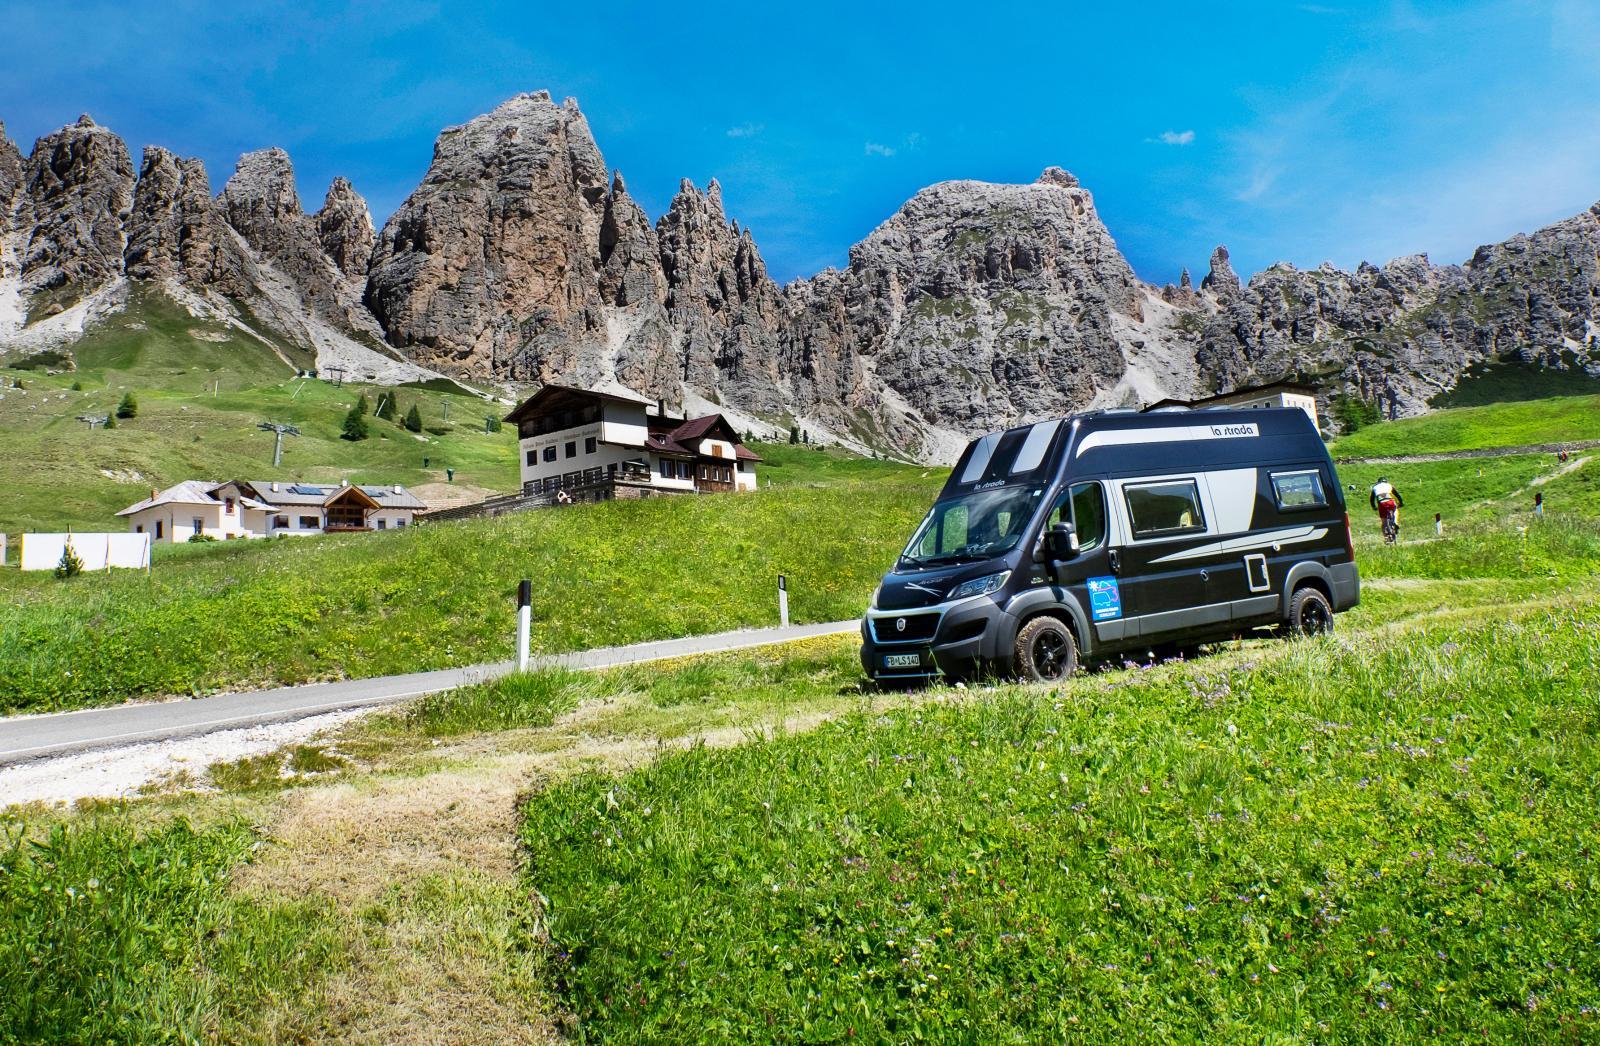 Många gillar de mindre husbilarna för att det är enklare att ta sig fram på krångliga vägar. Här kör vi en la strada i Sydtyrolen.